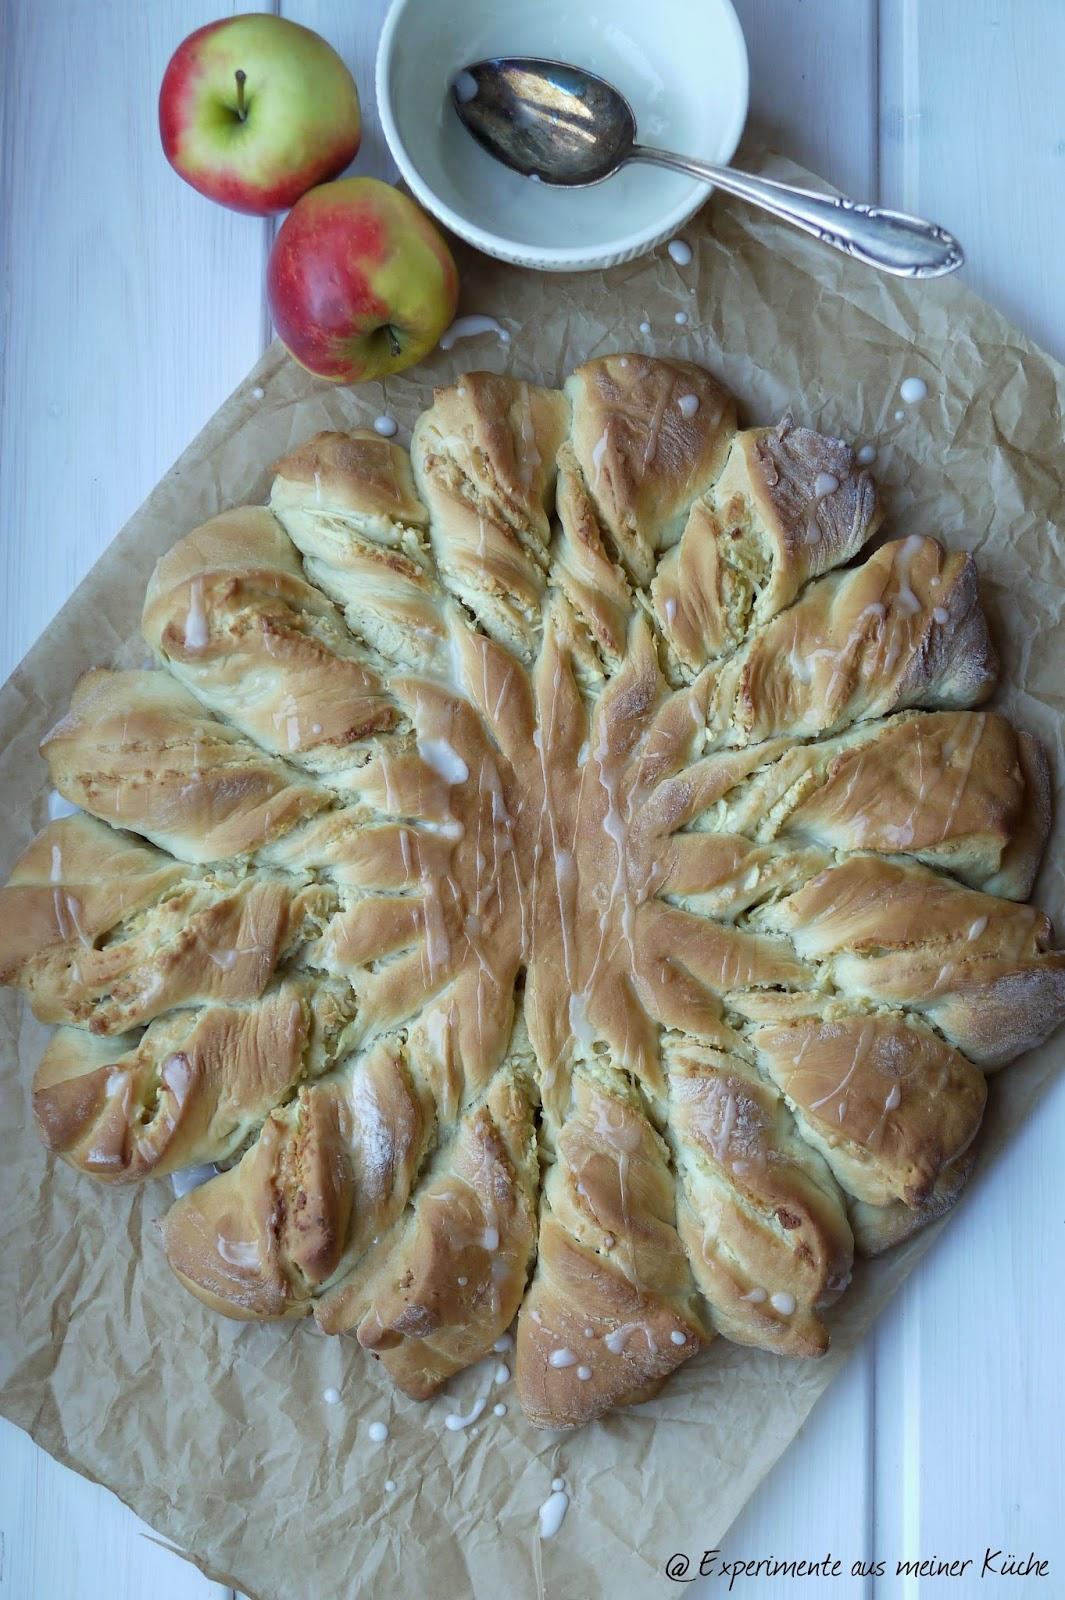 Experimente aus meiner Küche: Hefeblume mit Marzipan-Mandel-Apfel-Füllung